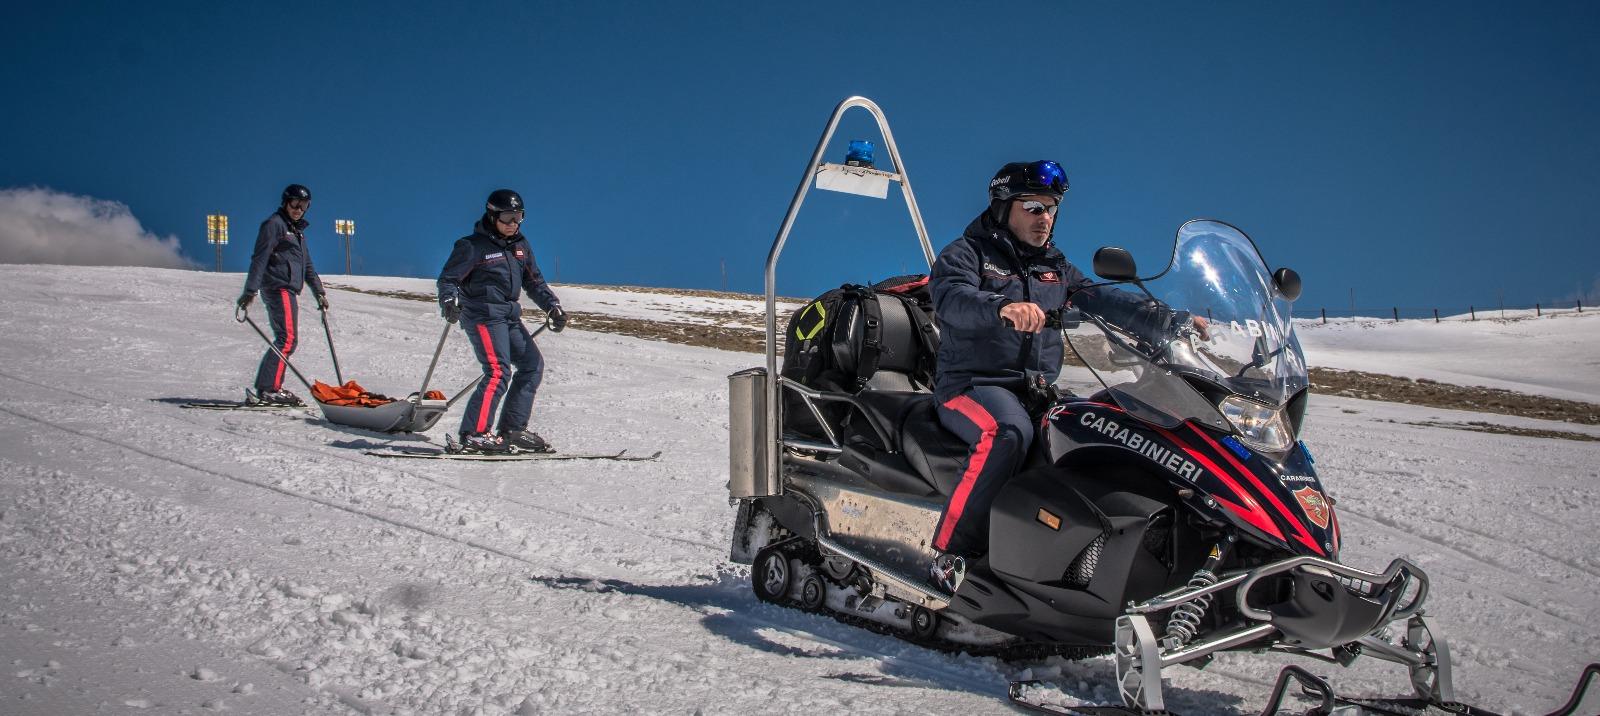 Controlli e soccorso dei Carabinieri sulle piste da sci, sanzionato giovane sciatore in possesso di marijuana